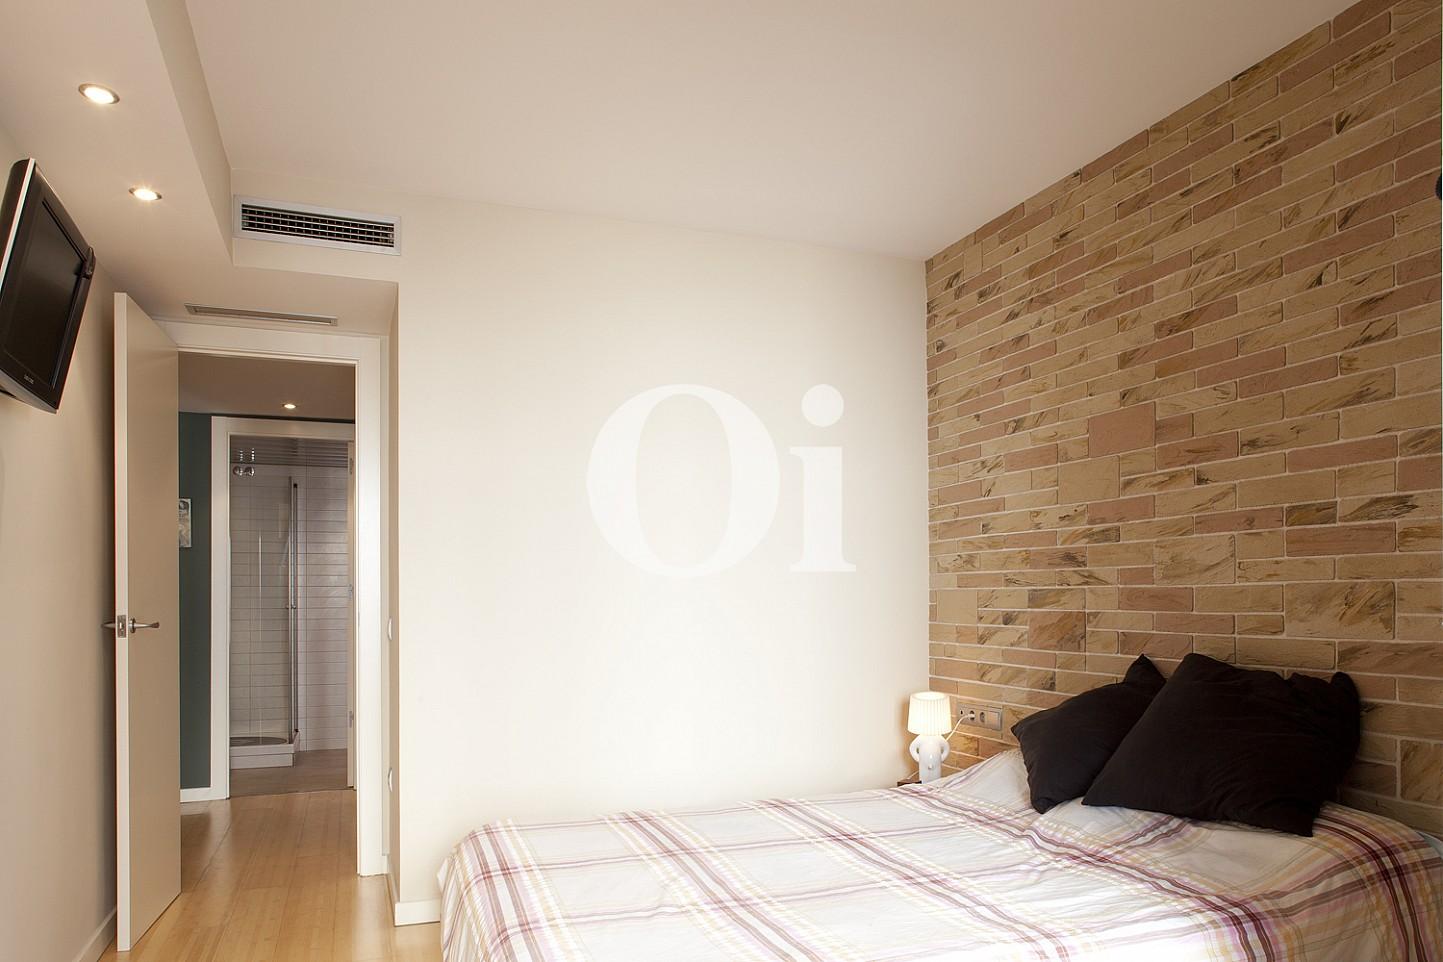 dormitorio, dormitorio doble, habitación, habitación doble, luminosa, dormitorio luminoso, tocho visto